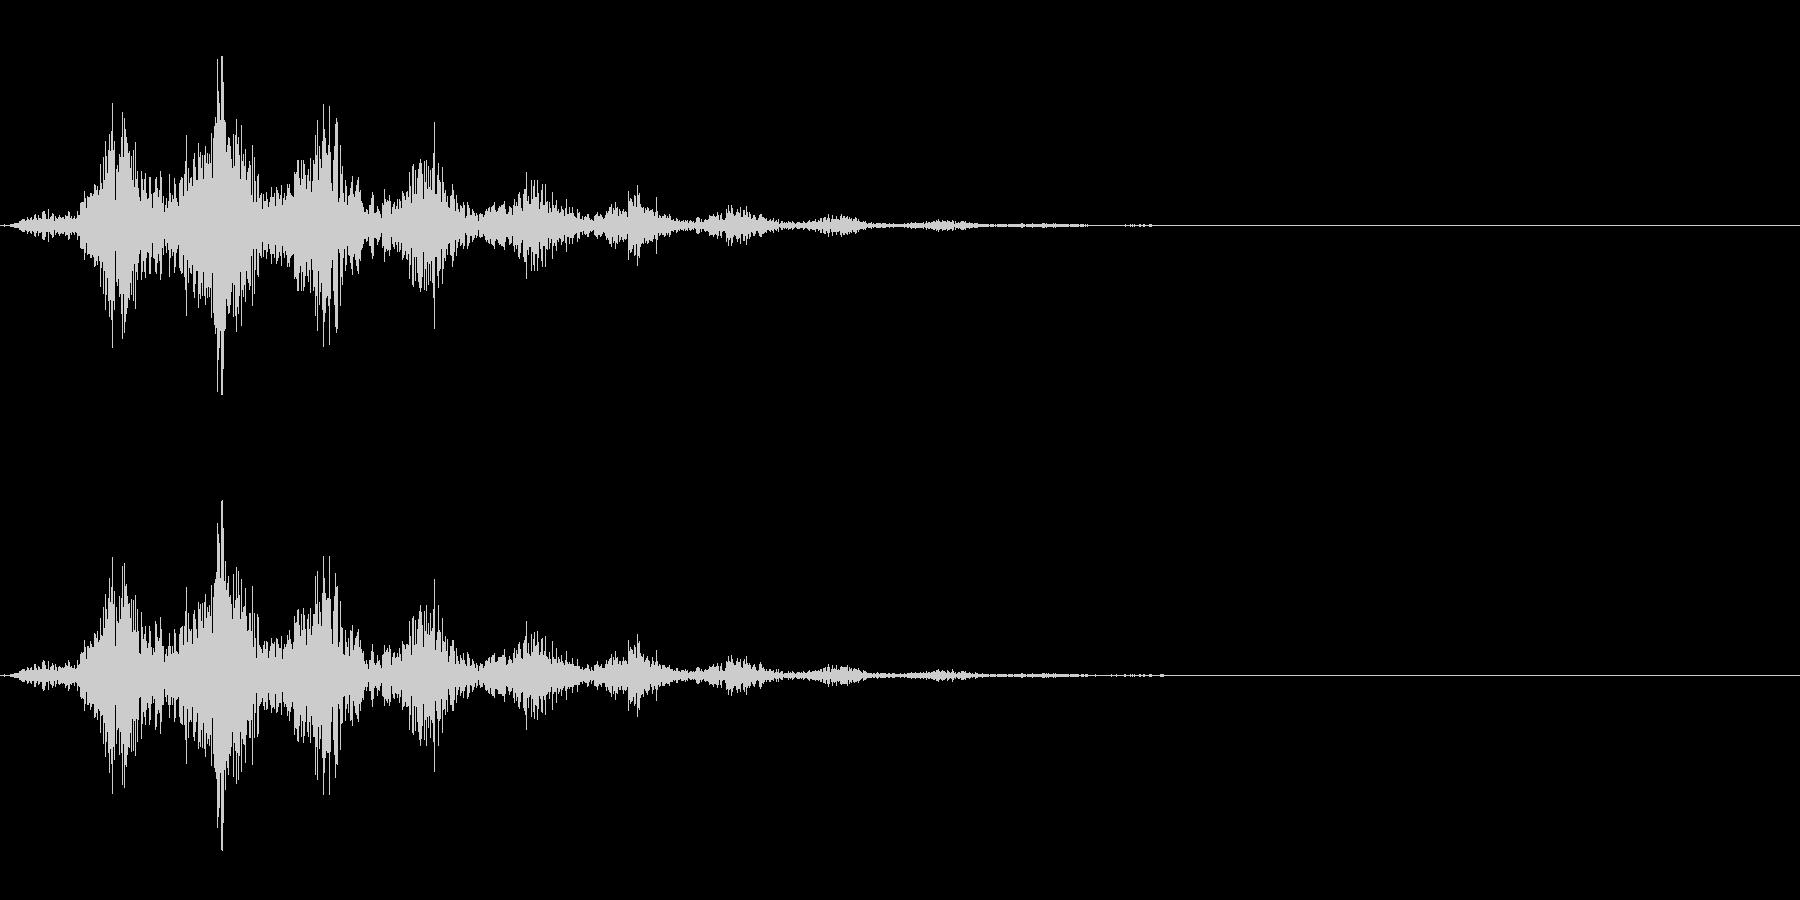 回転音/手裏剣/シュルルルルッの未再生の波形